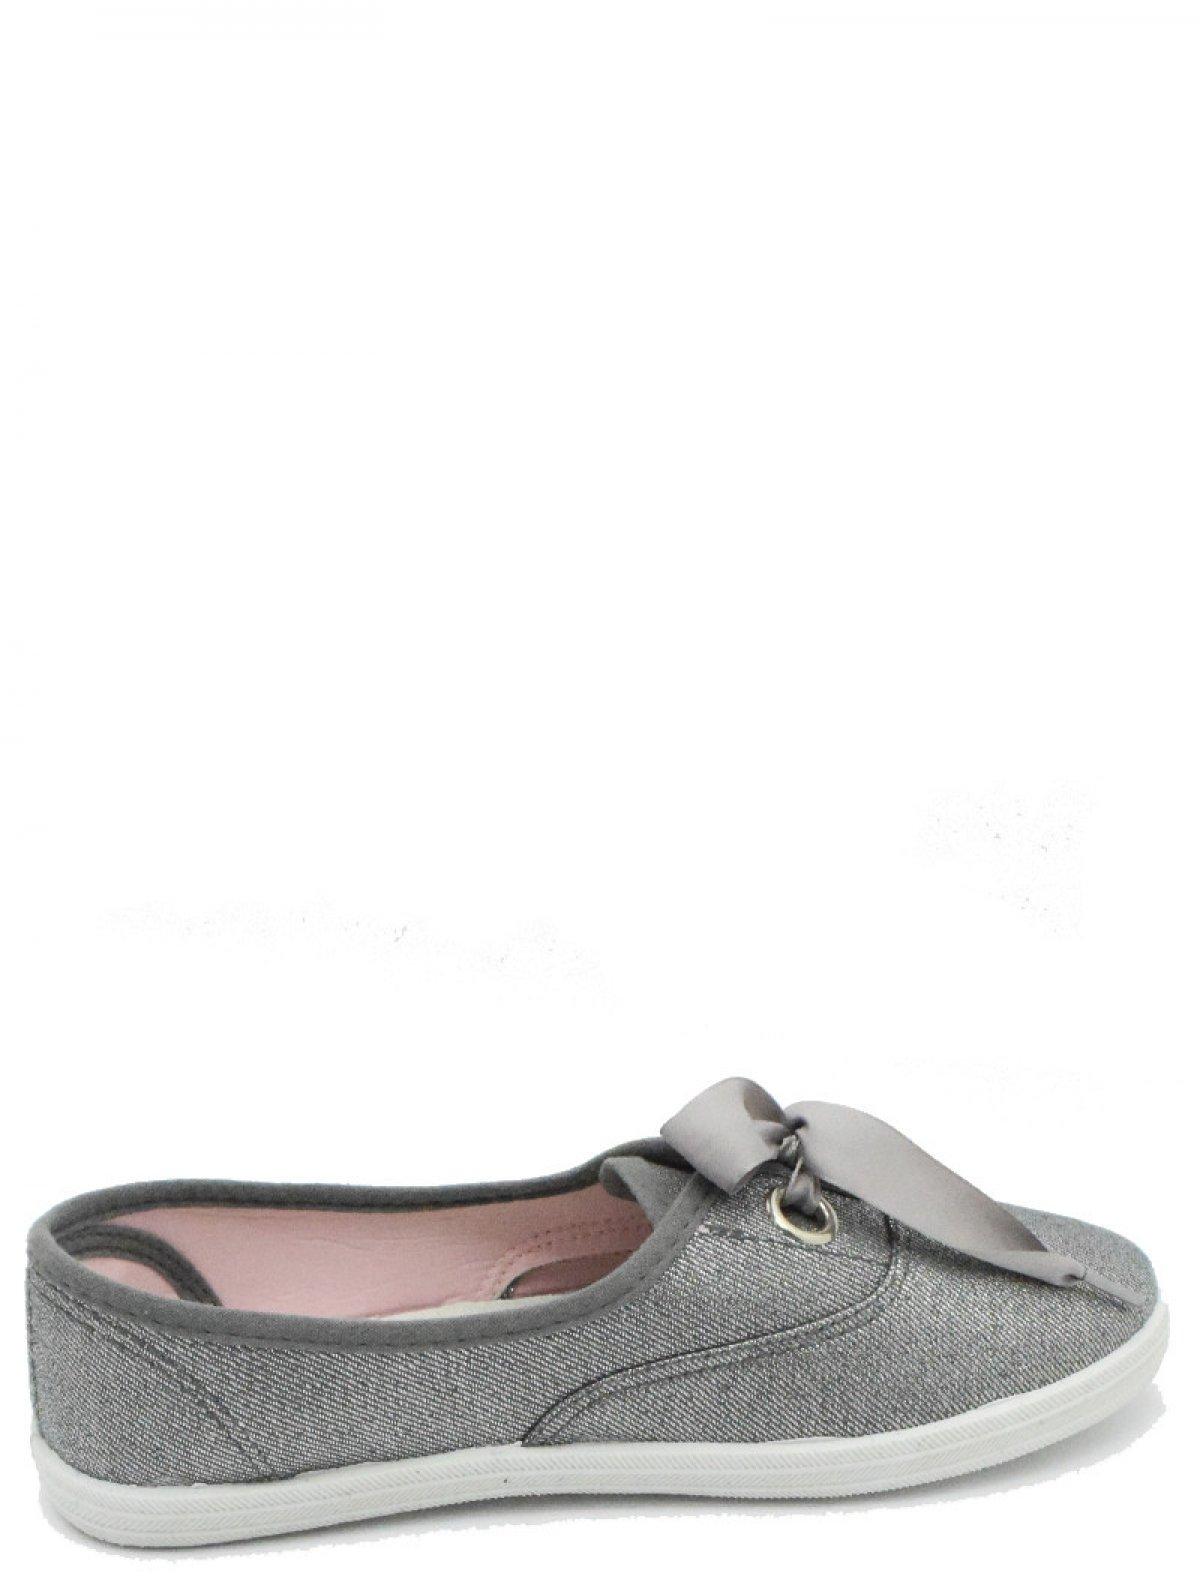 CROSBY 487157/01-02 женские туфли